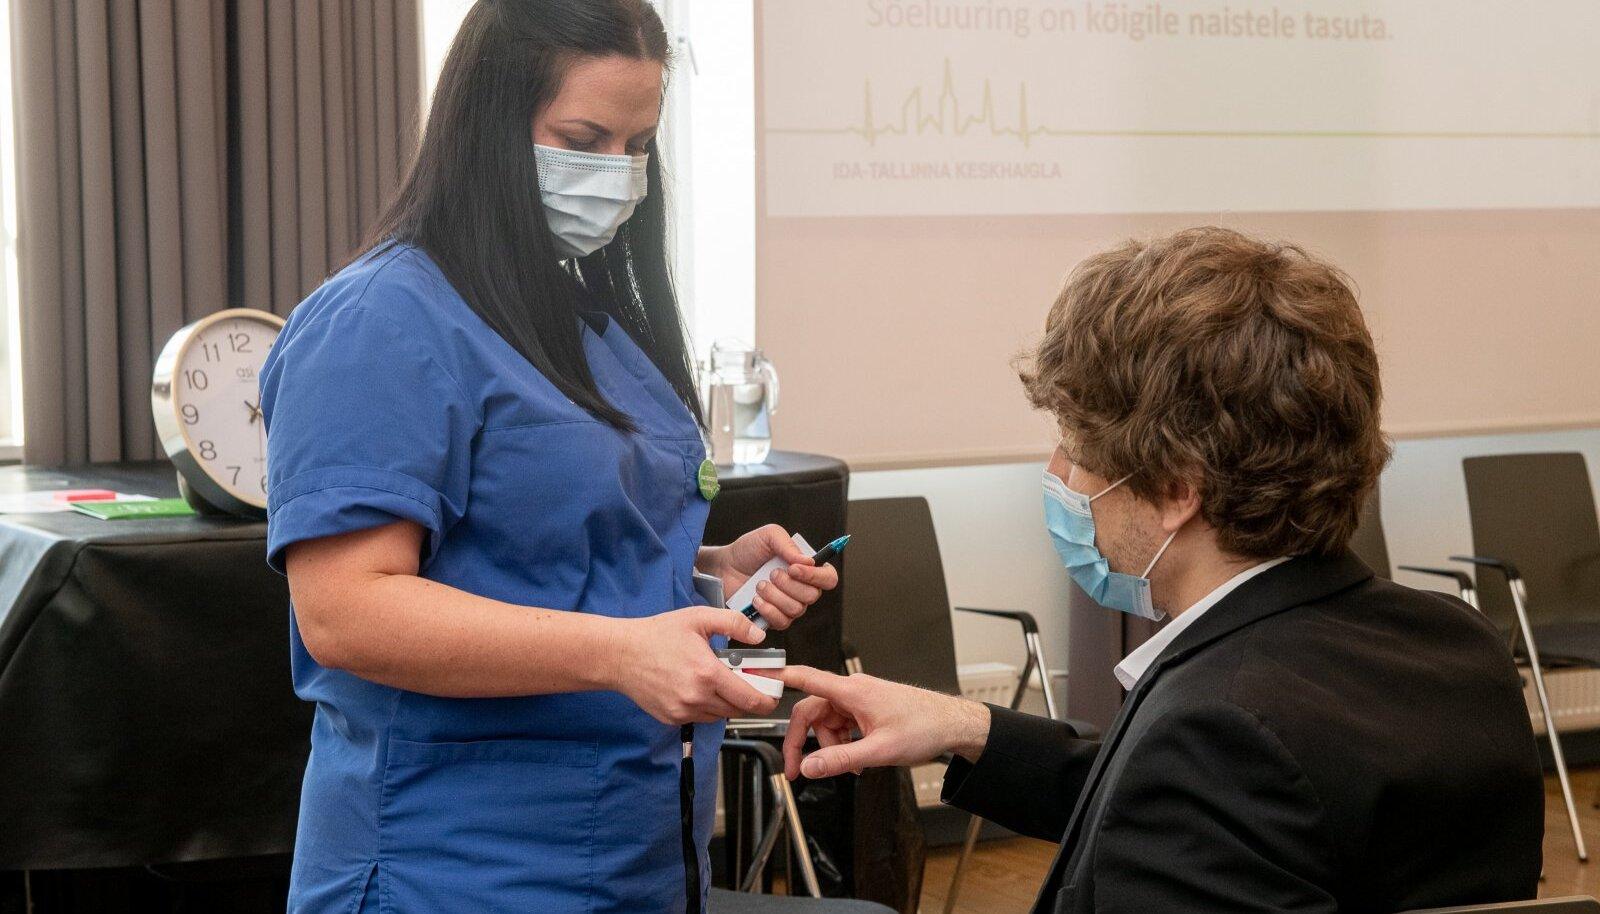 Valitsusliikmed lasid end vaktsineerida. Fotol Tanel Kiik